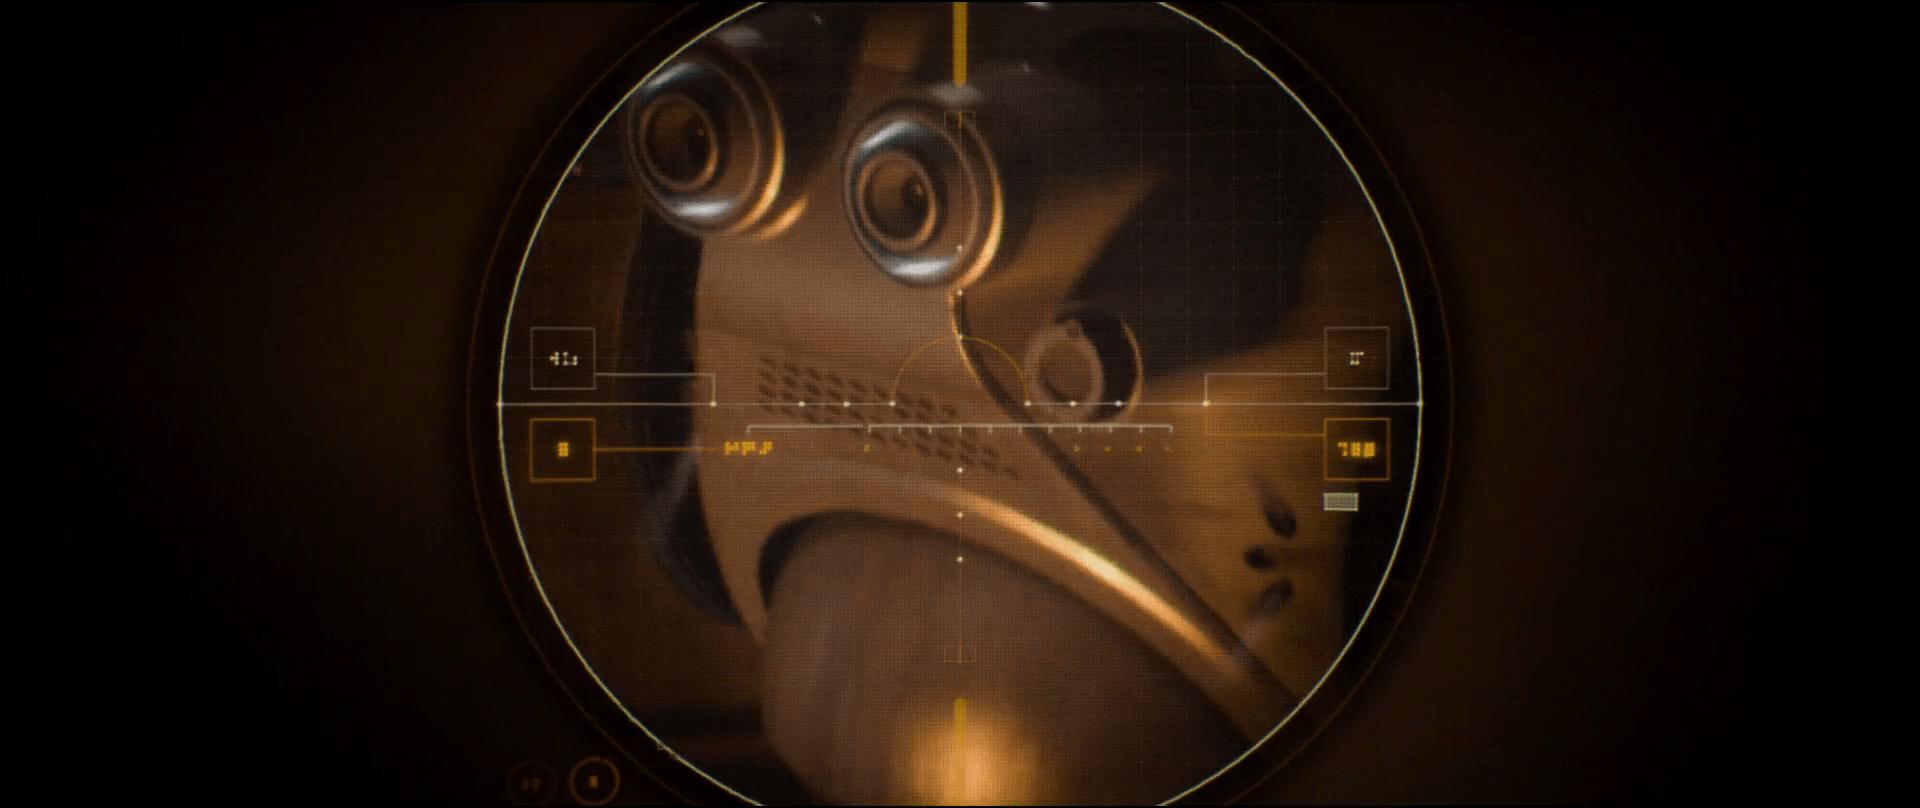 Sci Fi Reticle : Scav reticle sci fi interfaces